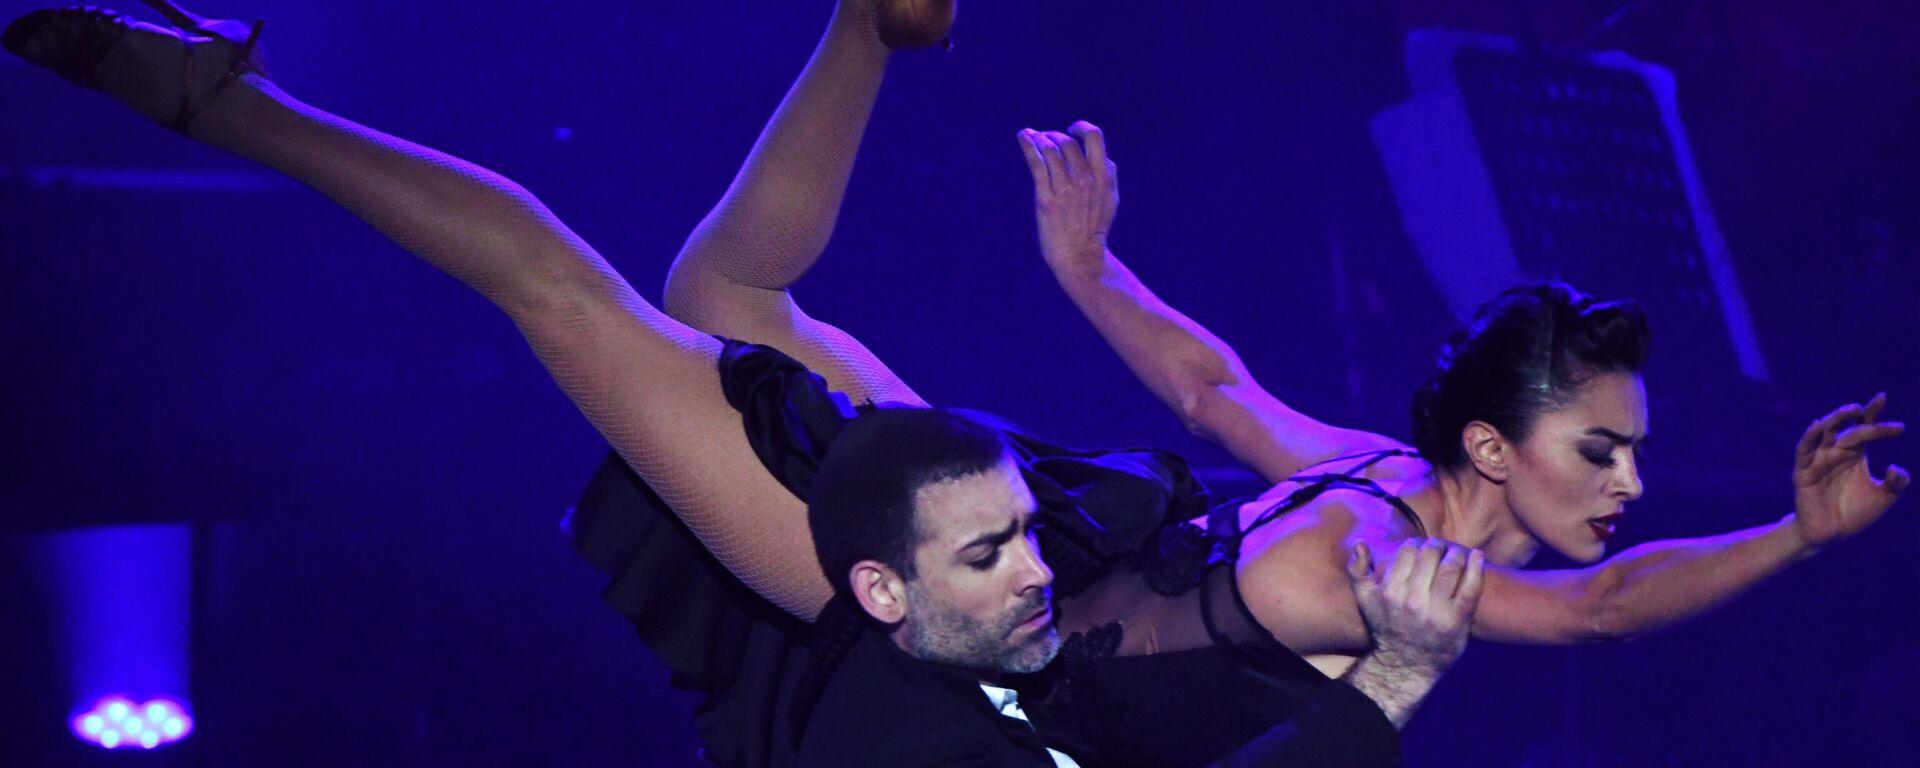 Espectáculo argentino 'Tango After Dark' en el Festival de Teatro Internacional Chéjov - Sputnik Mundo, 1920, 02.06.2021